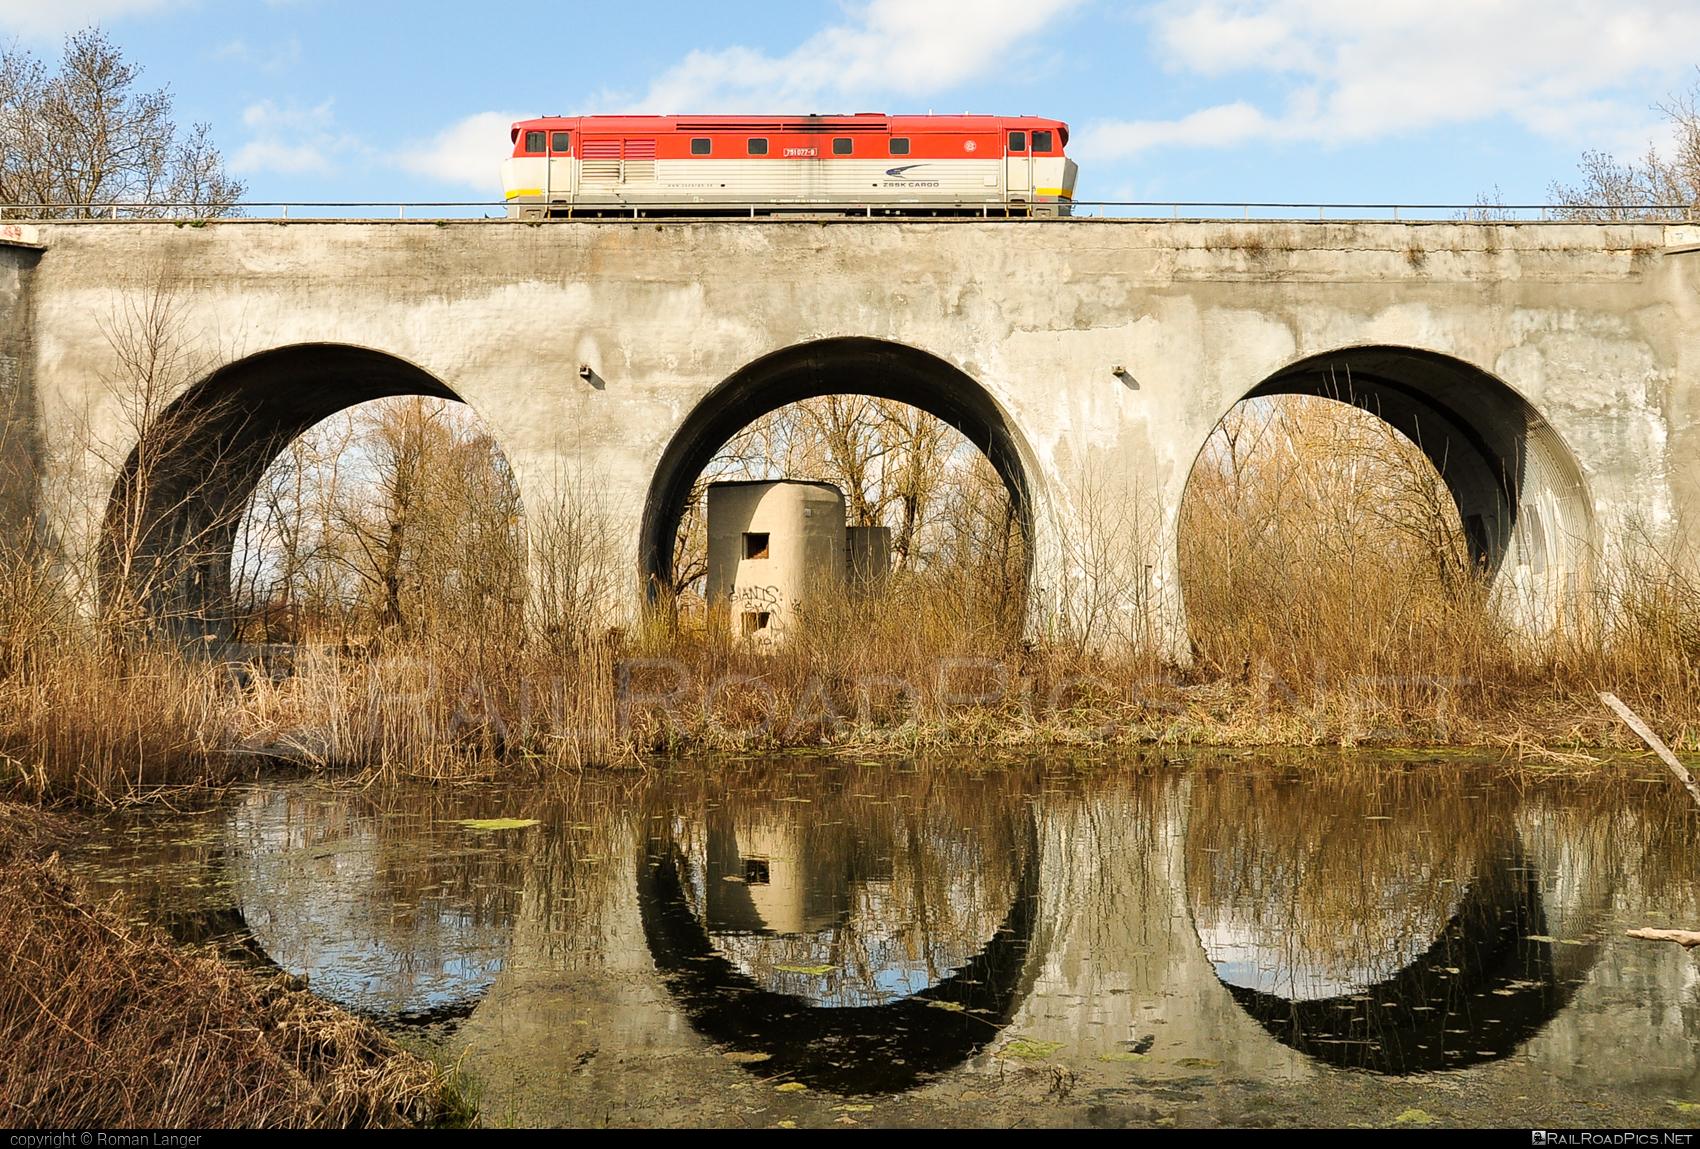 ČKD T 478.1 (751) - 751 077-9 operated by Železničná Spoločnost' Cargo Slovakia a.s. #ZeleznicnaSpolocnostCargoSlovakia #bardotka #ckd #ckd4781 #ckd751 #ckdt4781 #zamracena #zsskcargo